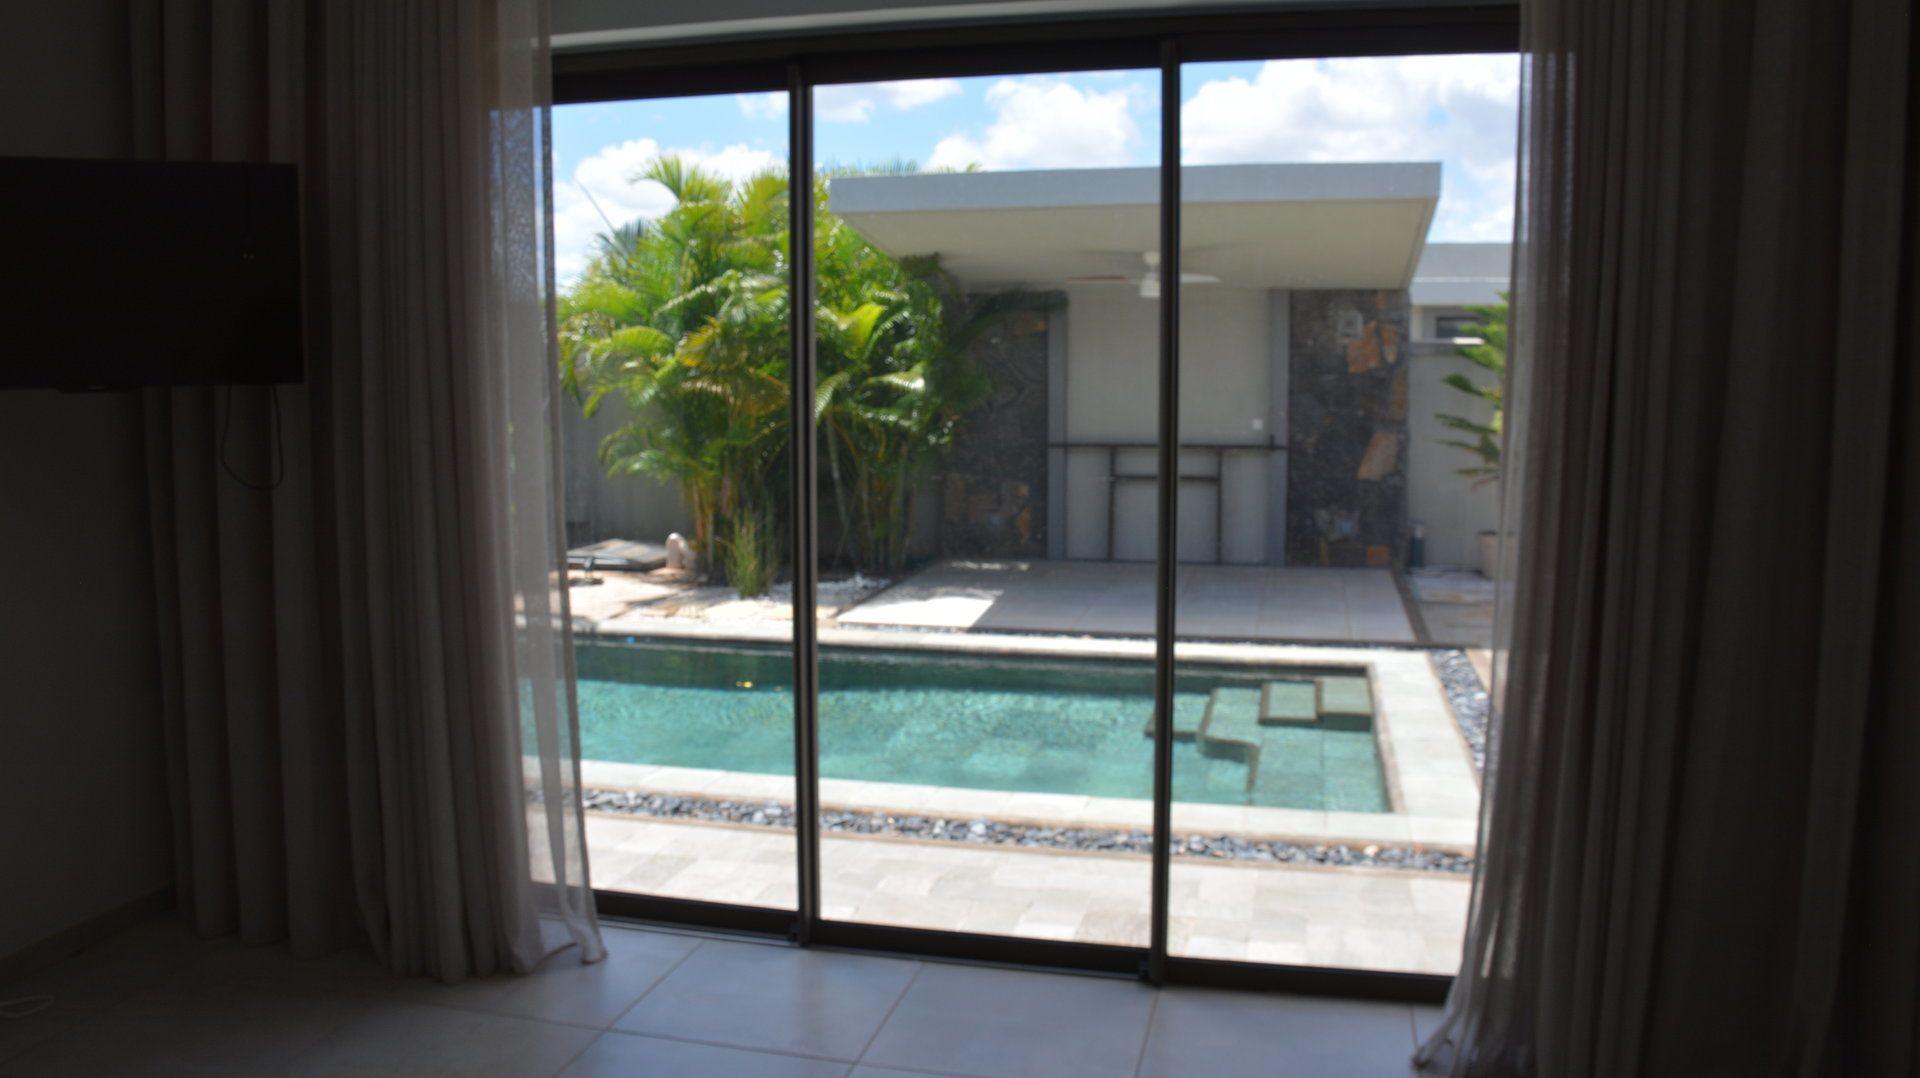 Maison à vendre 4 223m2 à Ile Maurice vignette-18